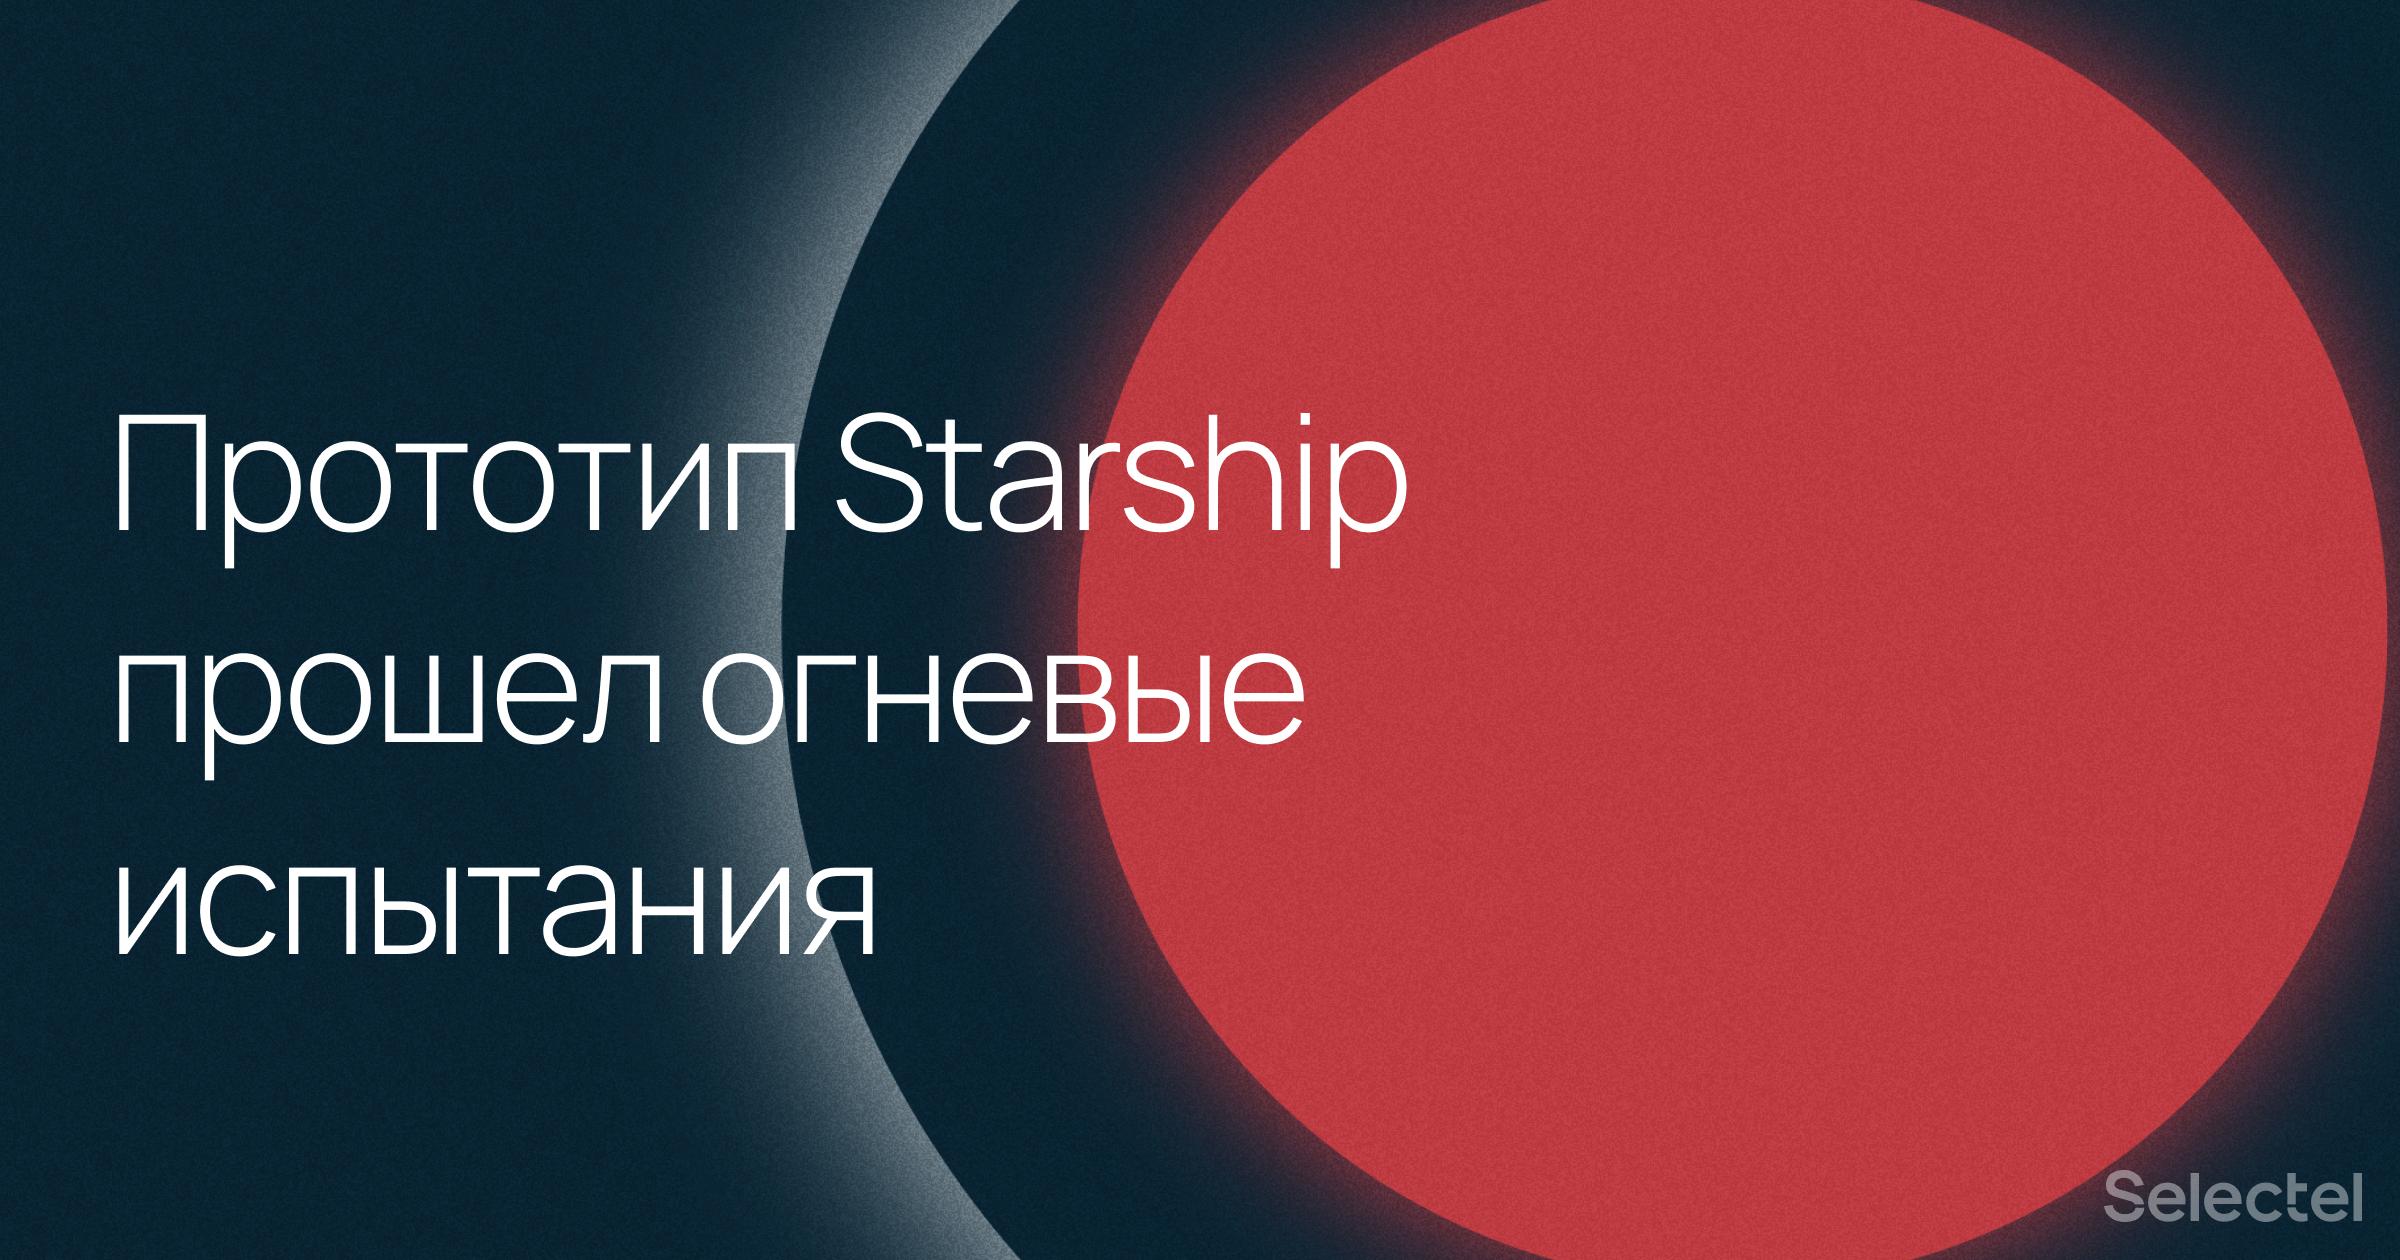 Прототип Starship успешно прошел огневые испытания